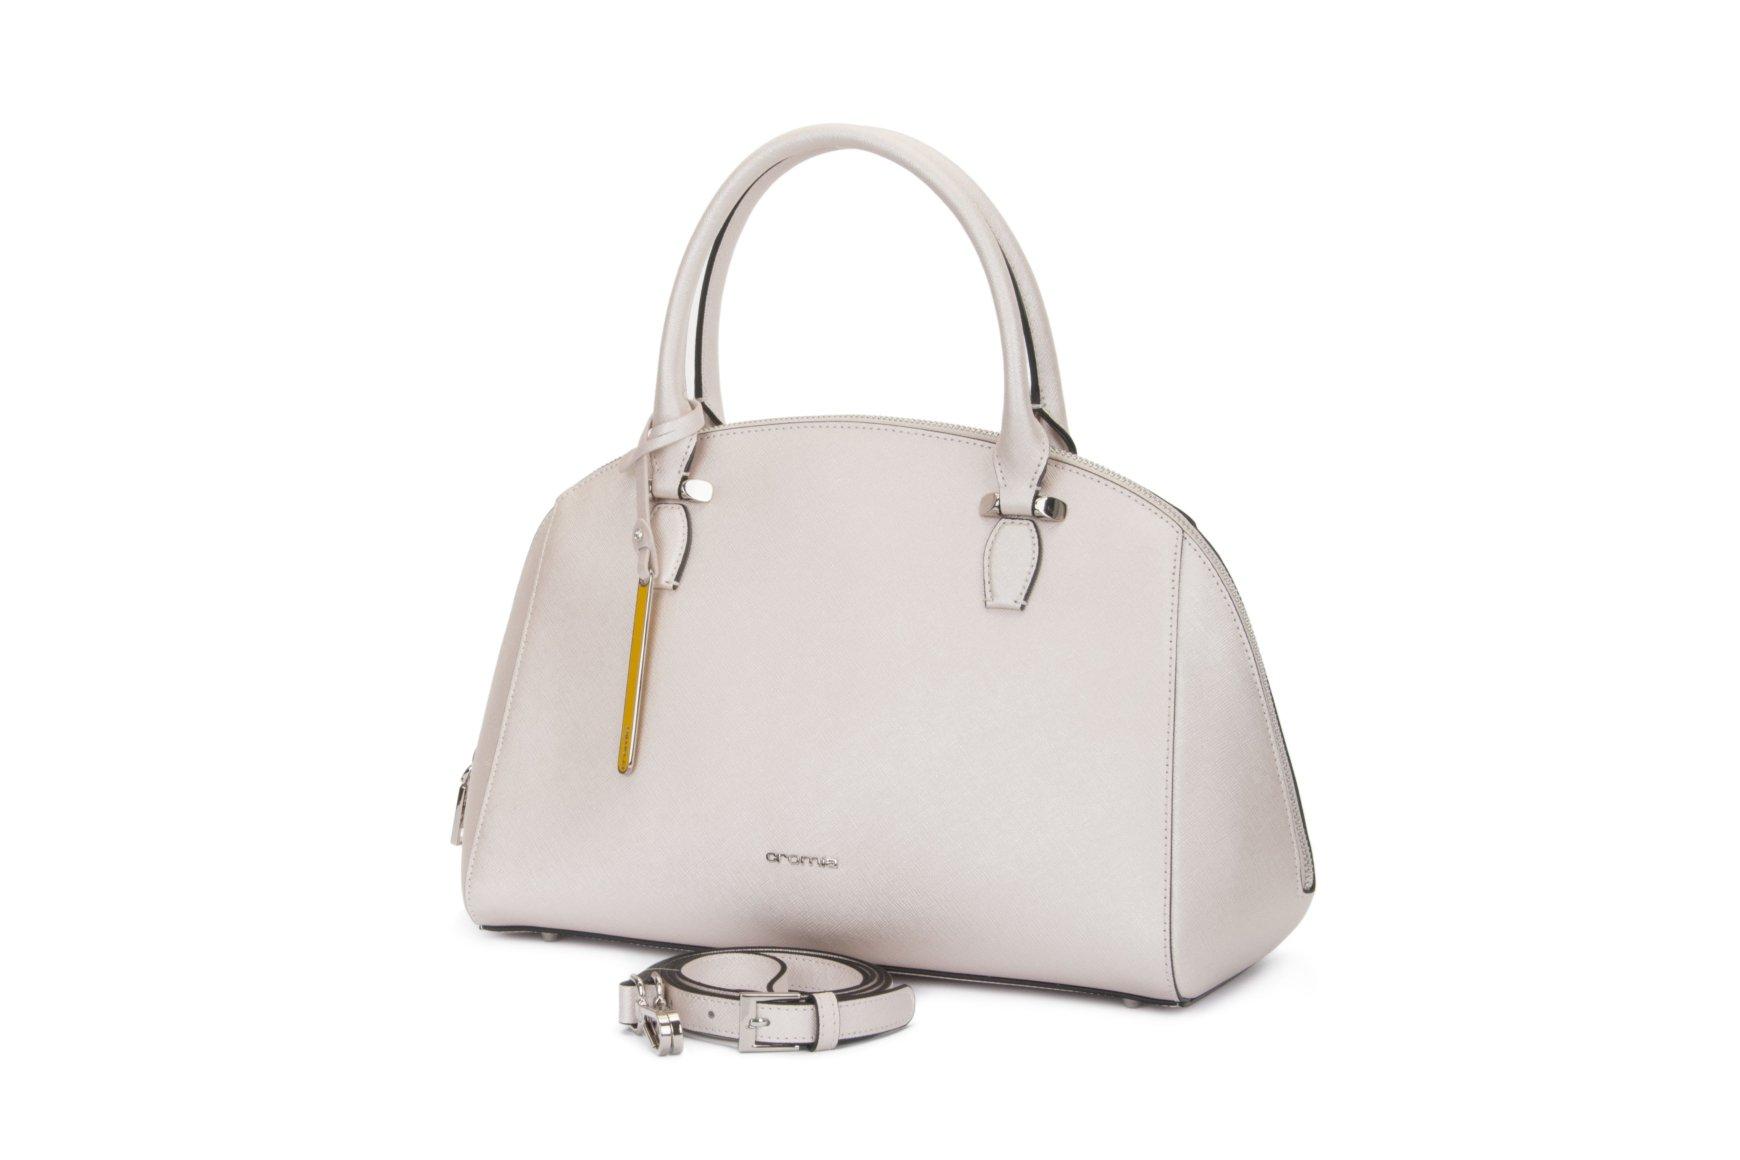 cace3dfc309b Купить сумку из из гладкой телячьей кожи Akua Cromia Украина - Estro